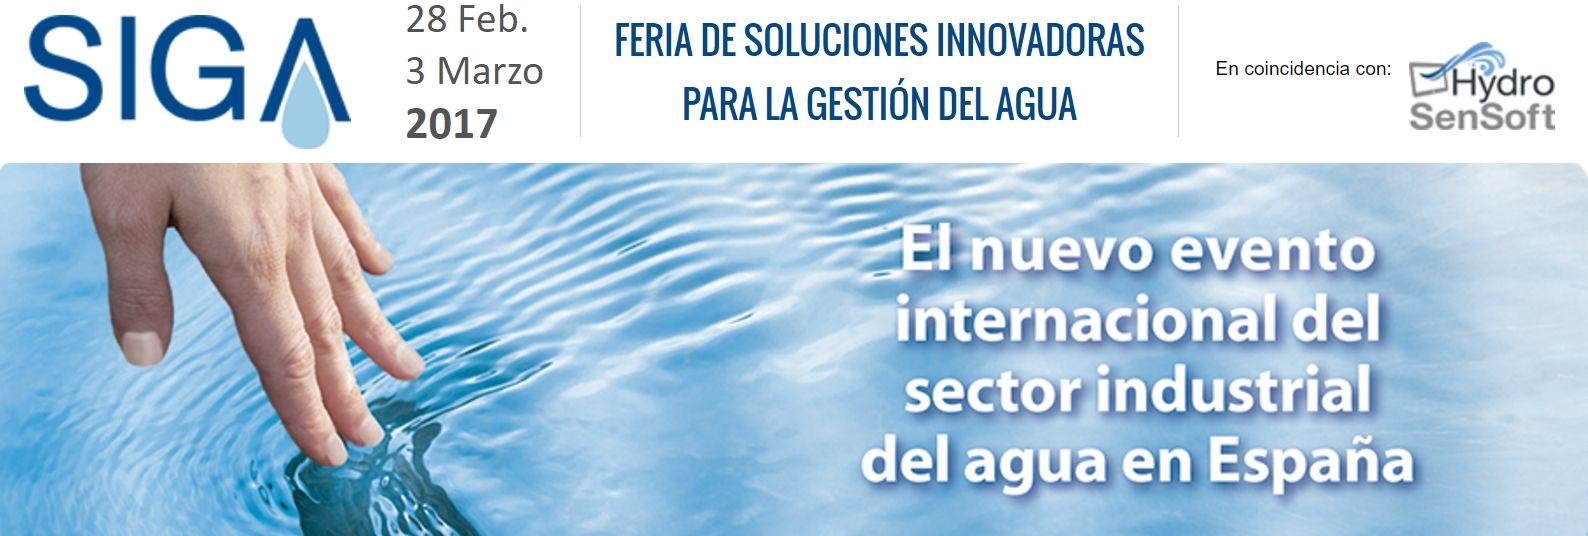 Simulaciones y Proyectos estará presente en la feria internacional del agua SIGA 2017 que se celebrará en Madrid  en Marzo